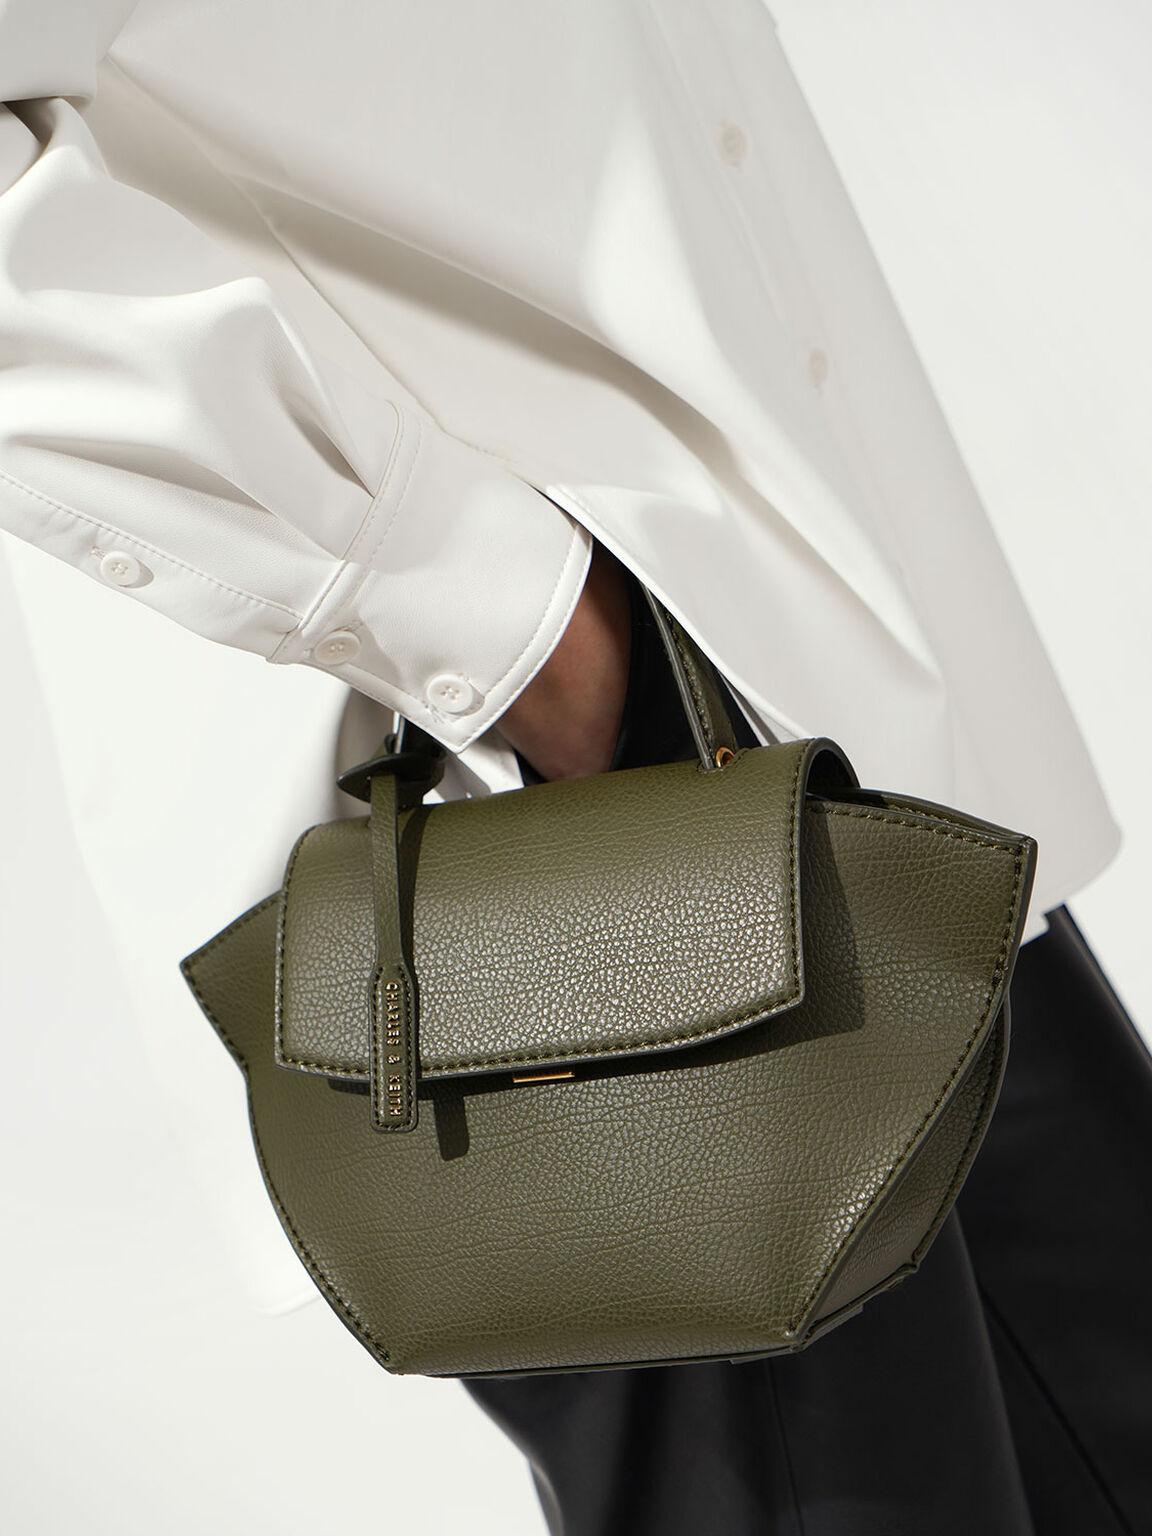 Trapeze Top Handle Bag, Olive, hi-res